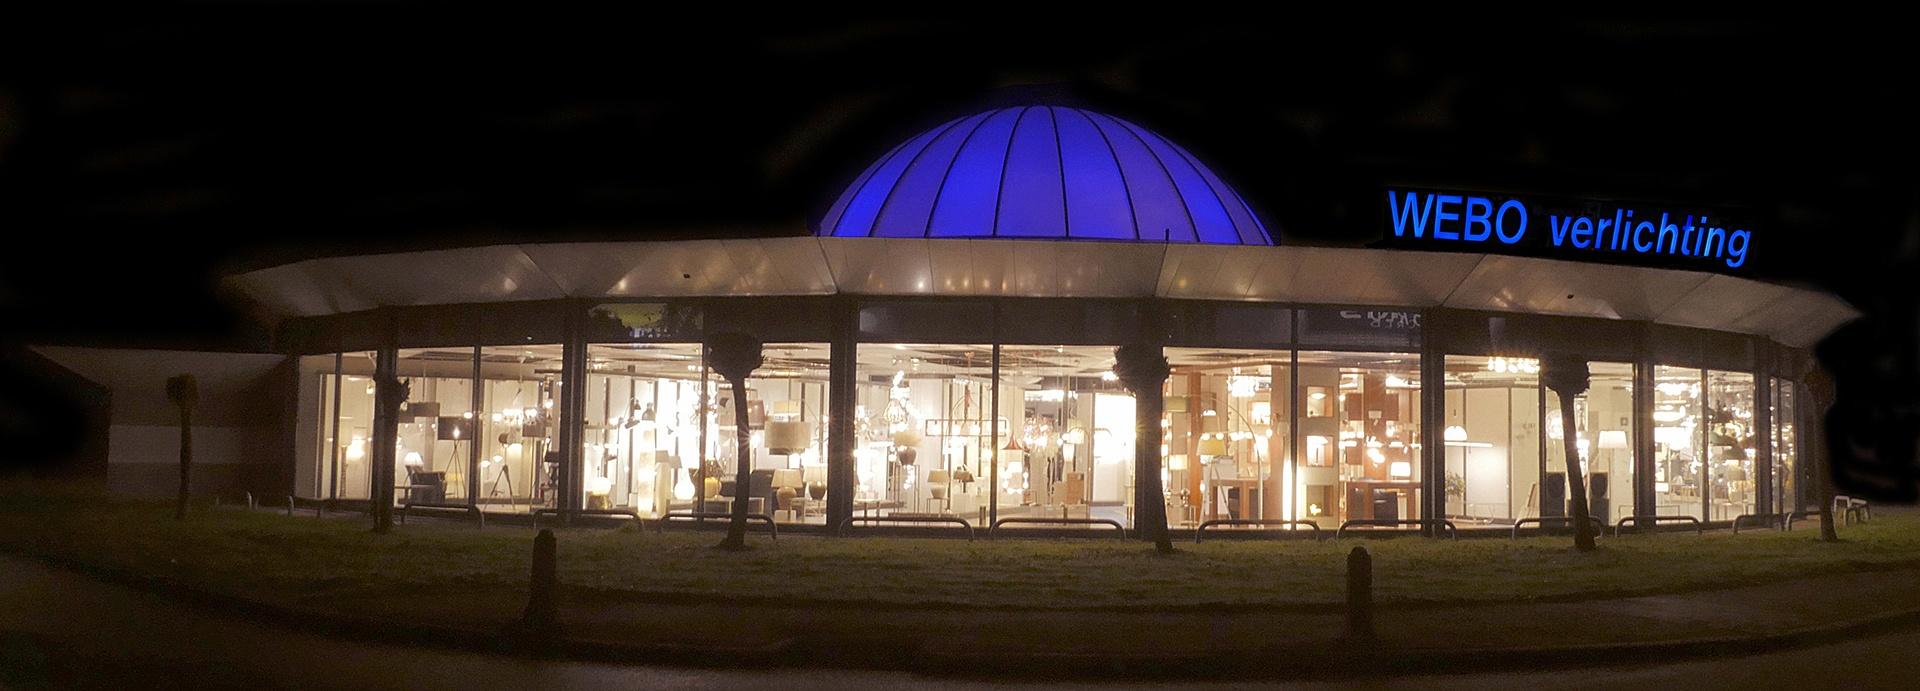 Webo Verlichting, de grootste verlichtingszaak van Nederland. Duizende vierkante meter lampen showroom met alle stijlen en smaken verlichtingsarmaturen. De grootste verlichtingsshowroom van Nederland.